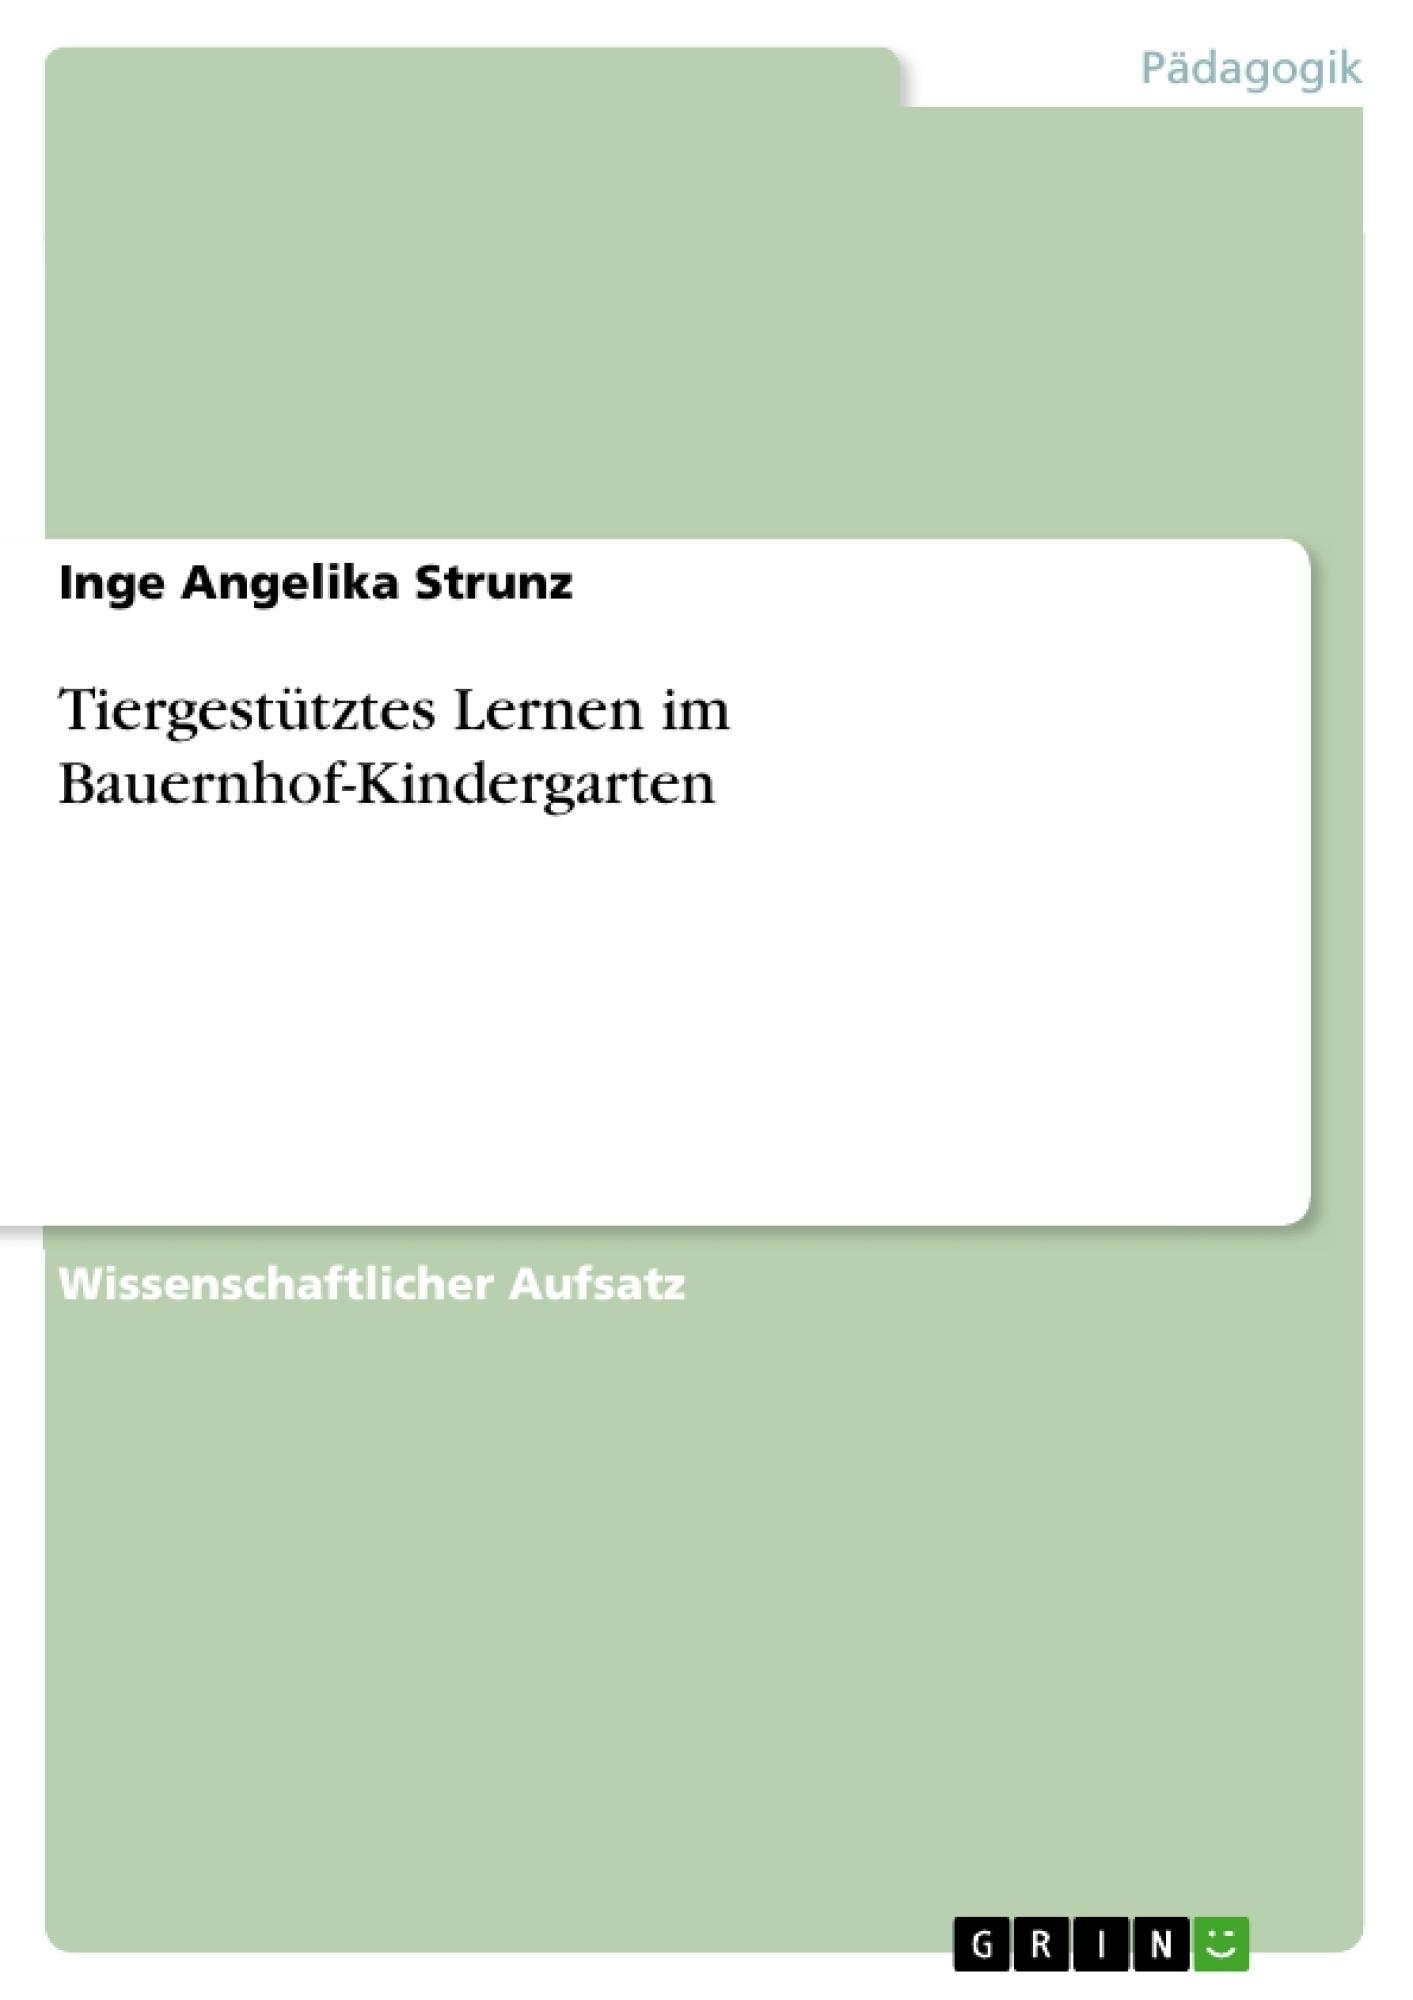 Titel: Tiergestütztes Lernen im Bauernhof-Kindergarten